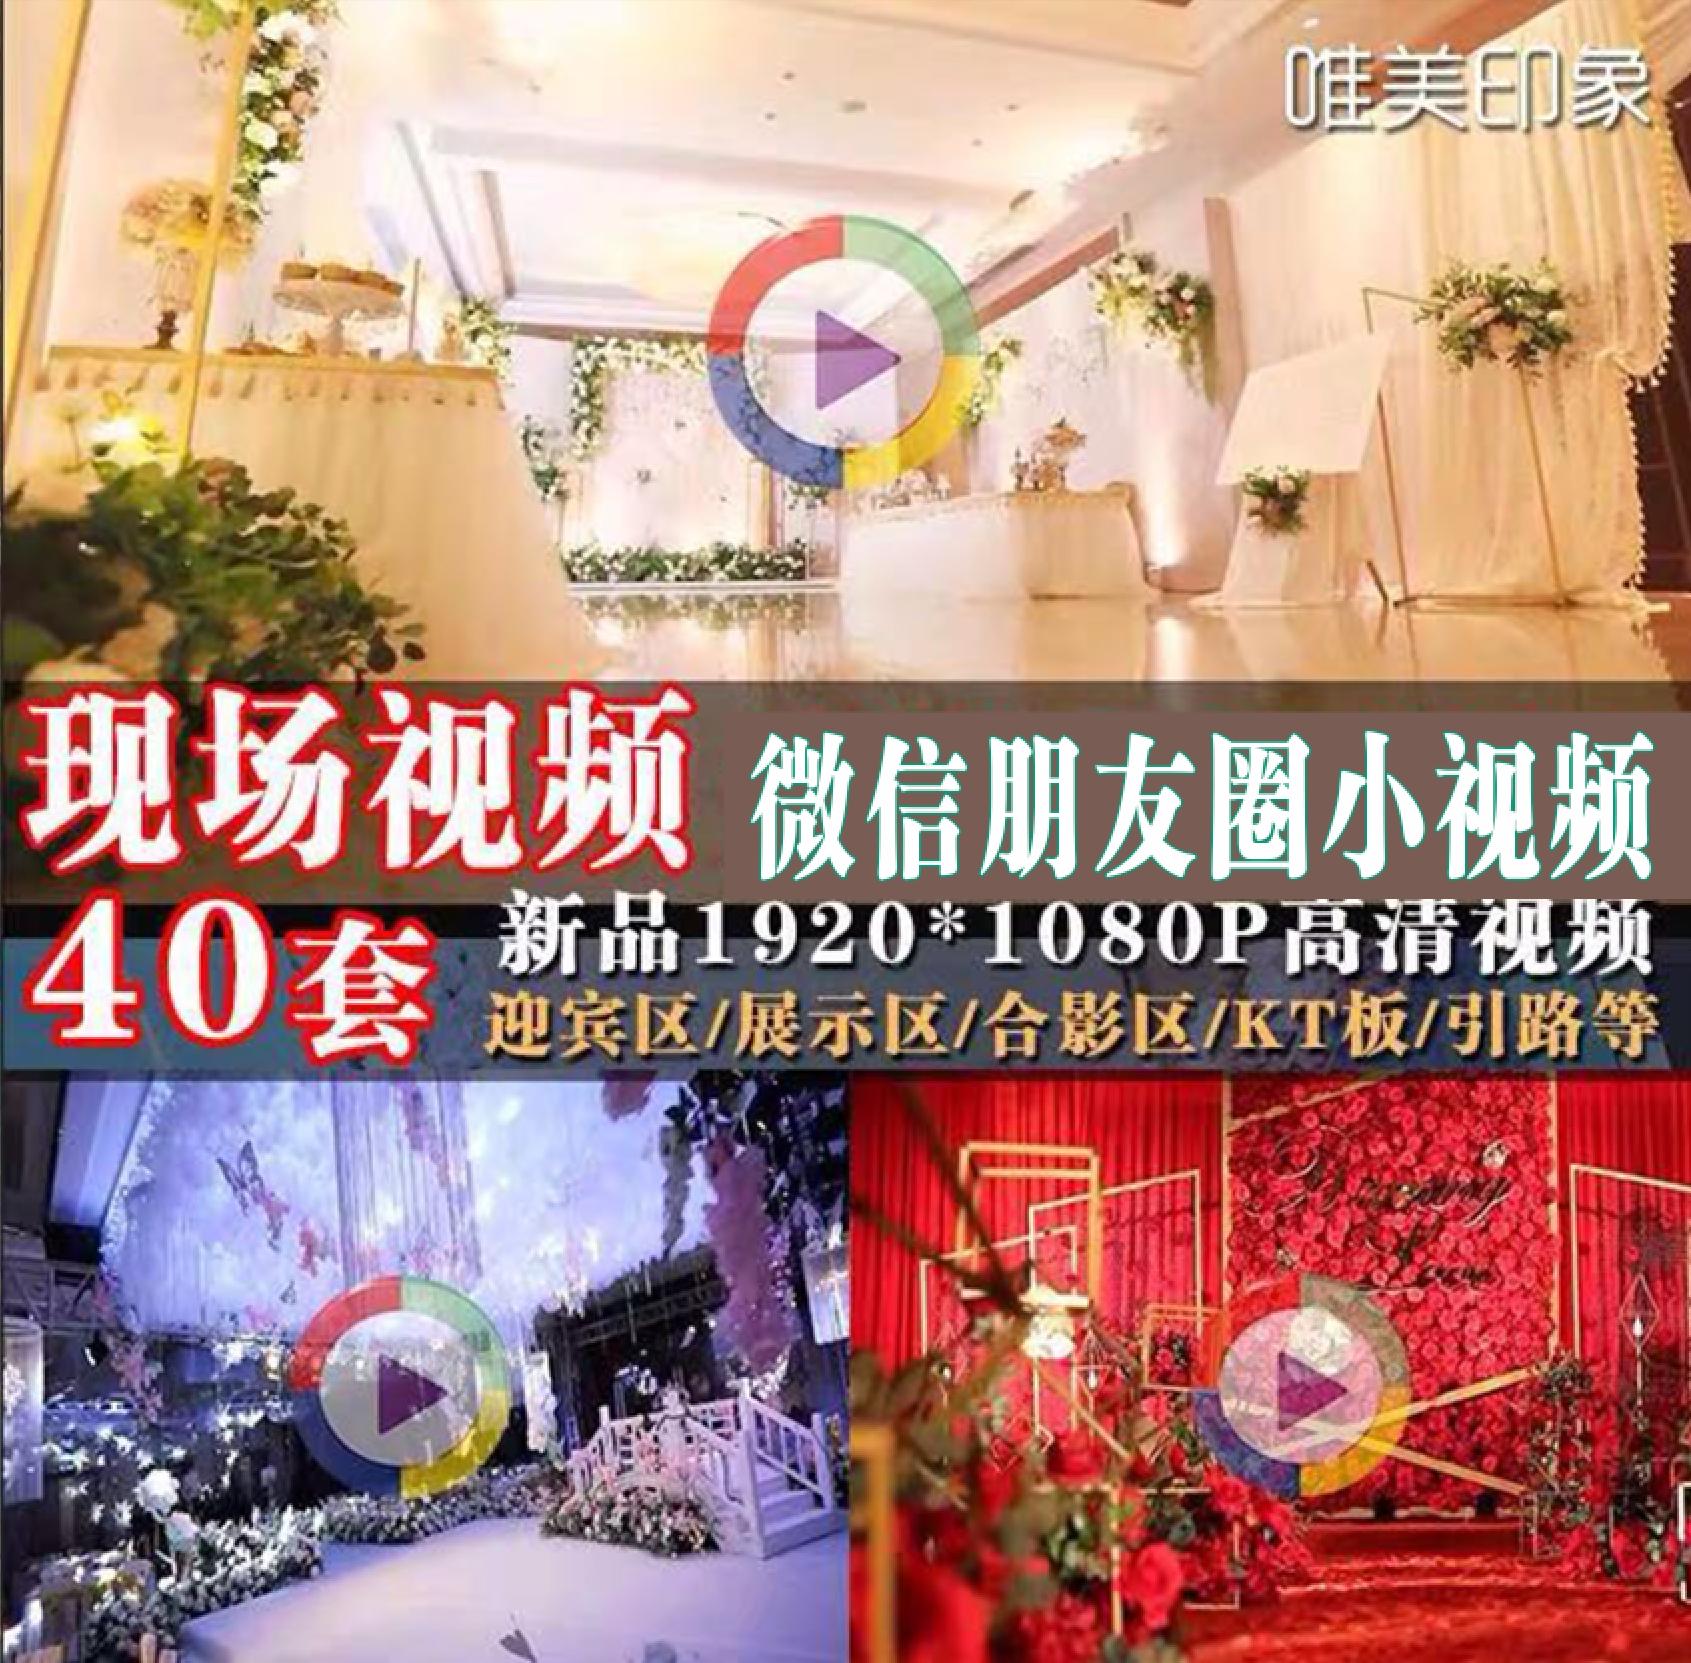 2019婚礼视频素材高清多色系婚庆宣传接单资料公众号朋友圈视频-视频素材-sucai.tv